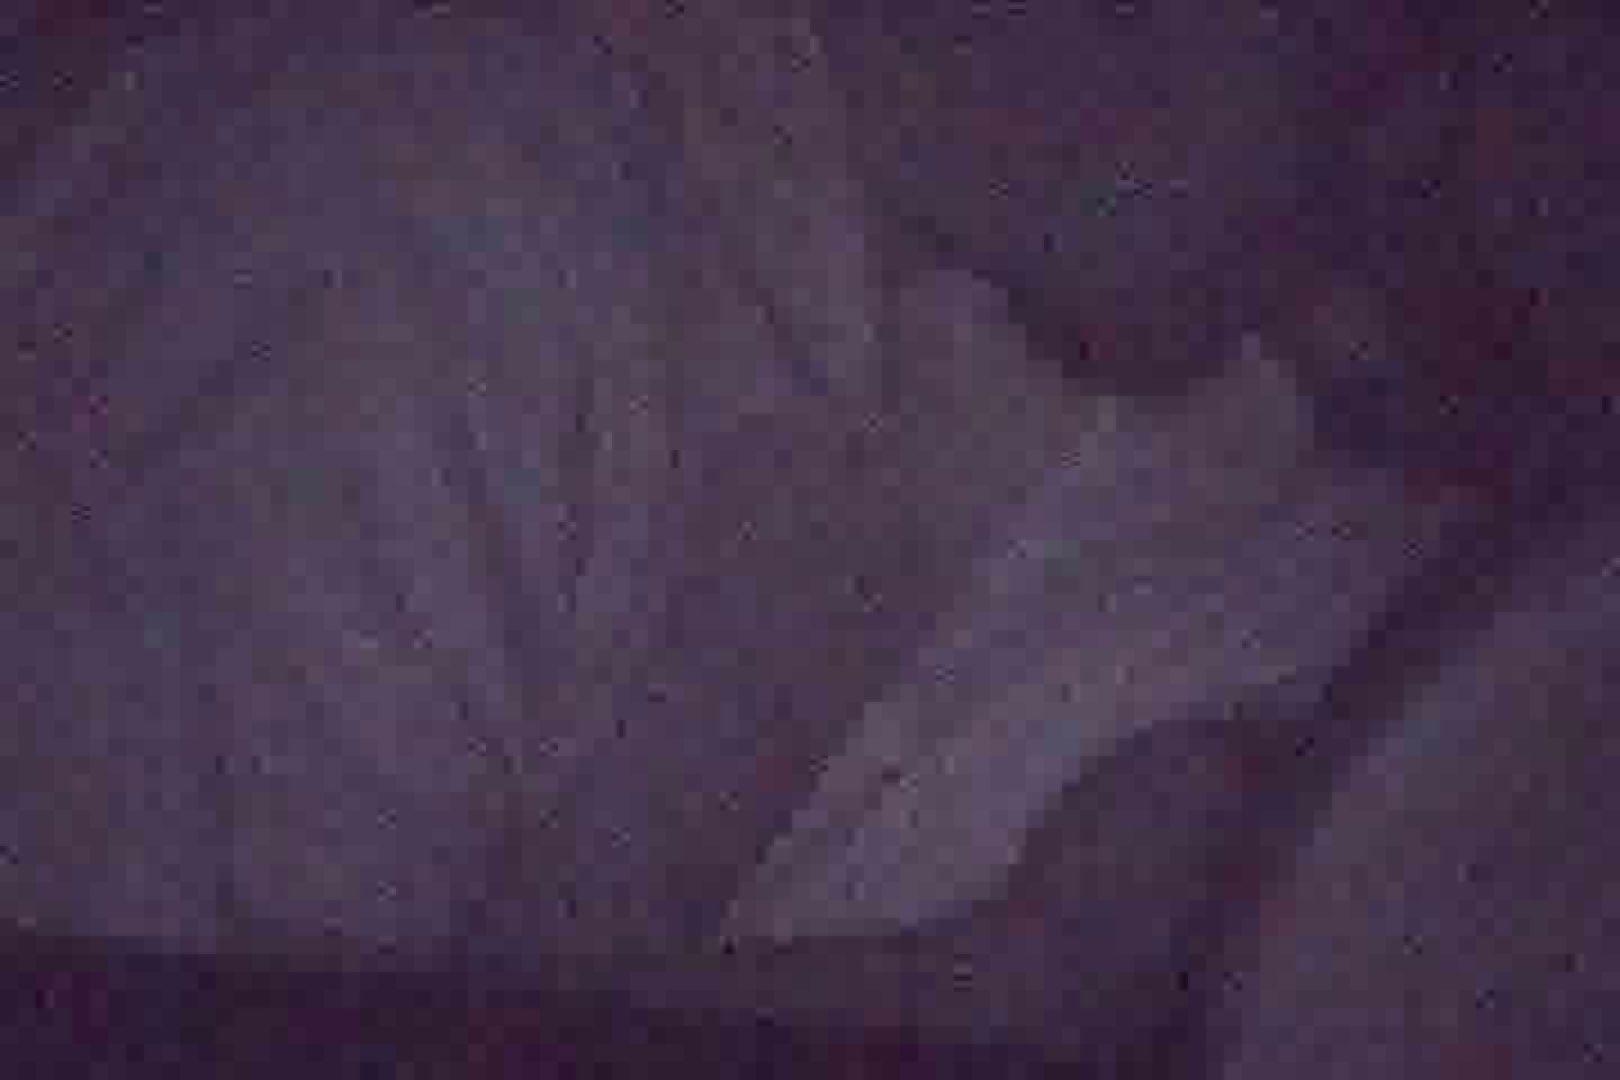 充血監督の深夜の運動会Vol.115 OLエロ画像 | 0  77PICs 11